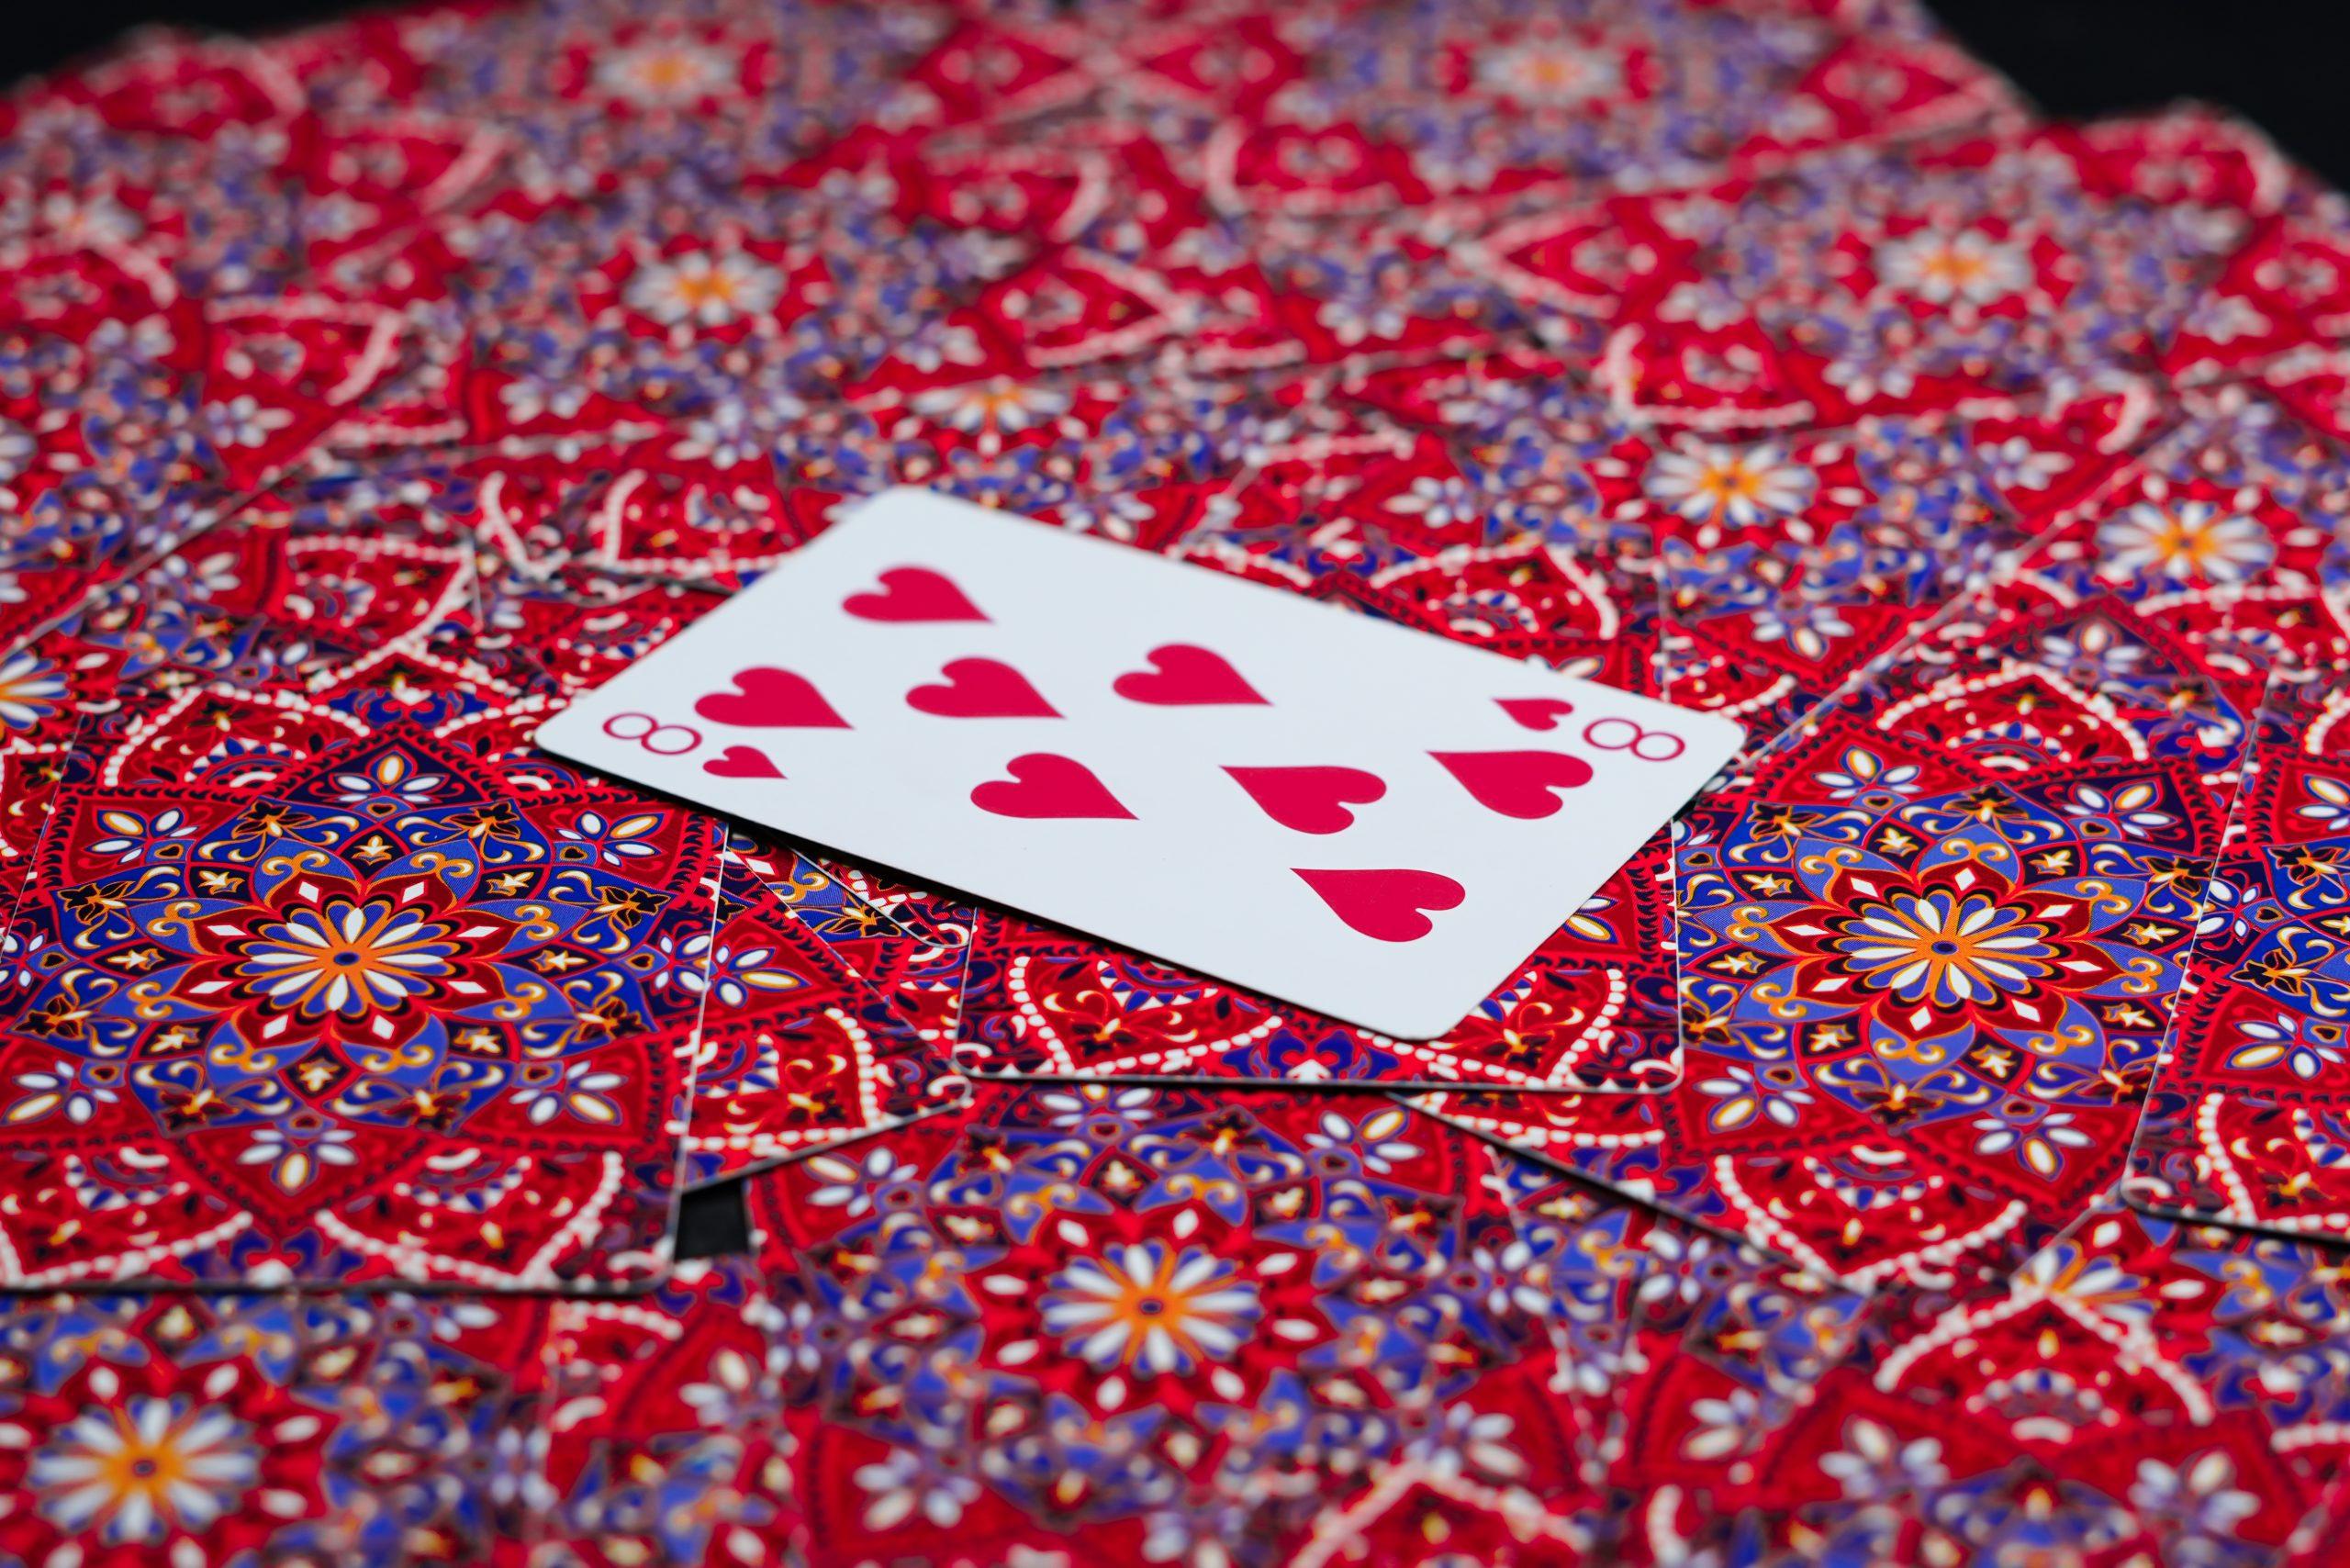 Eight of heart